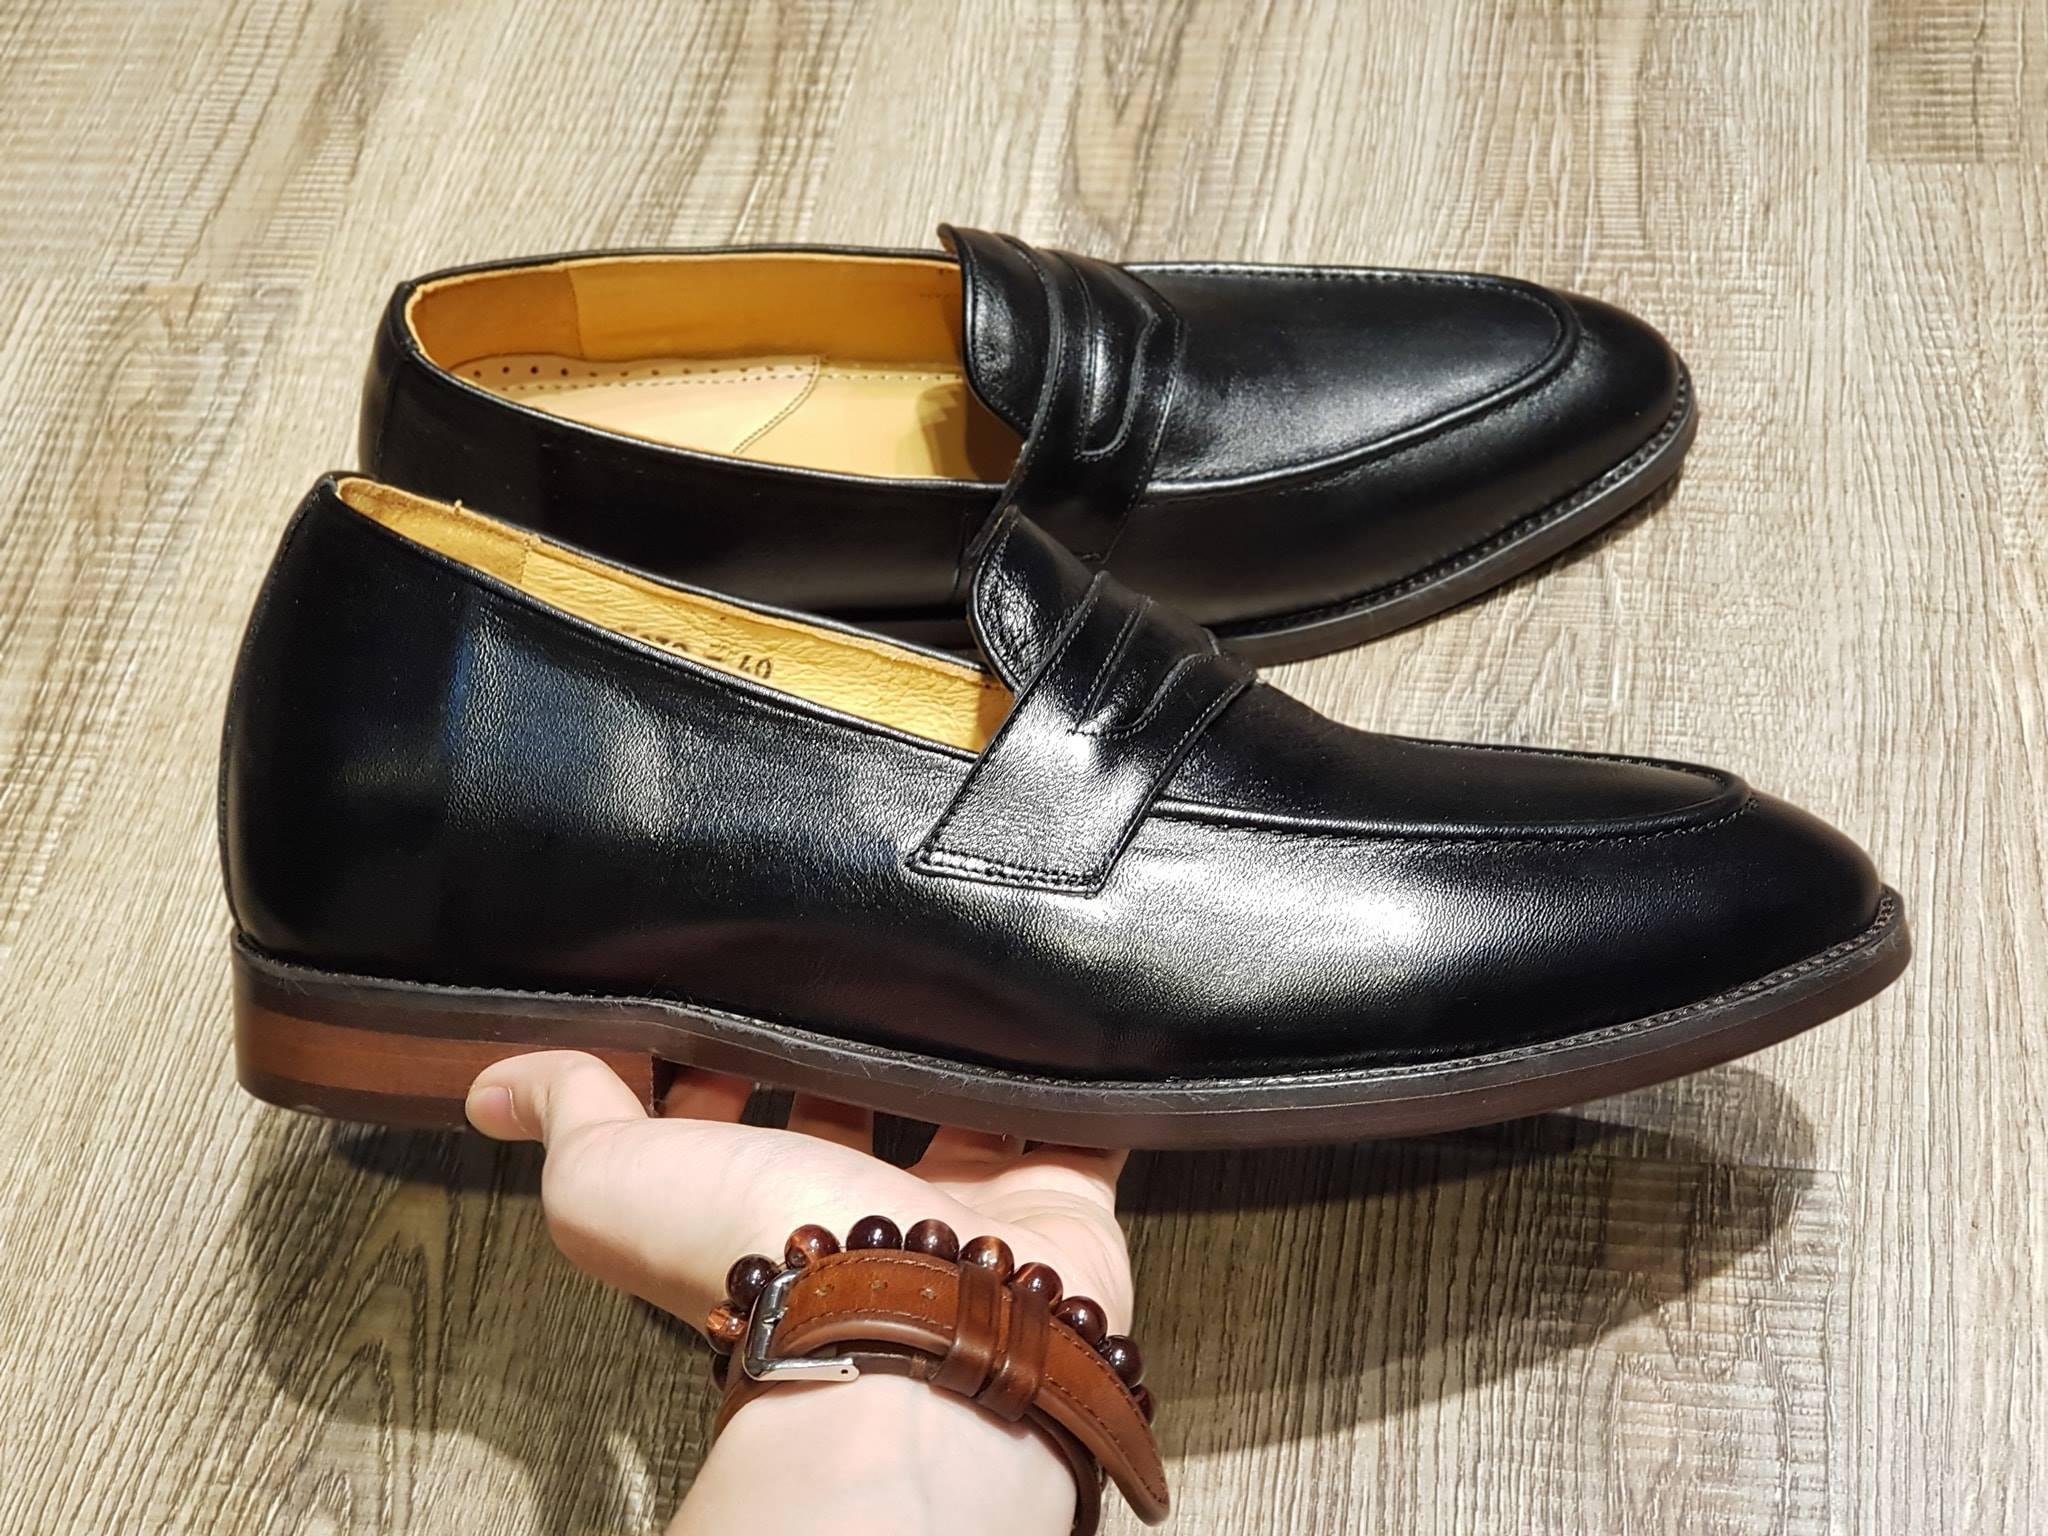 Giày da công sở SG0019B